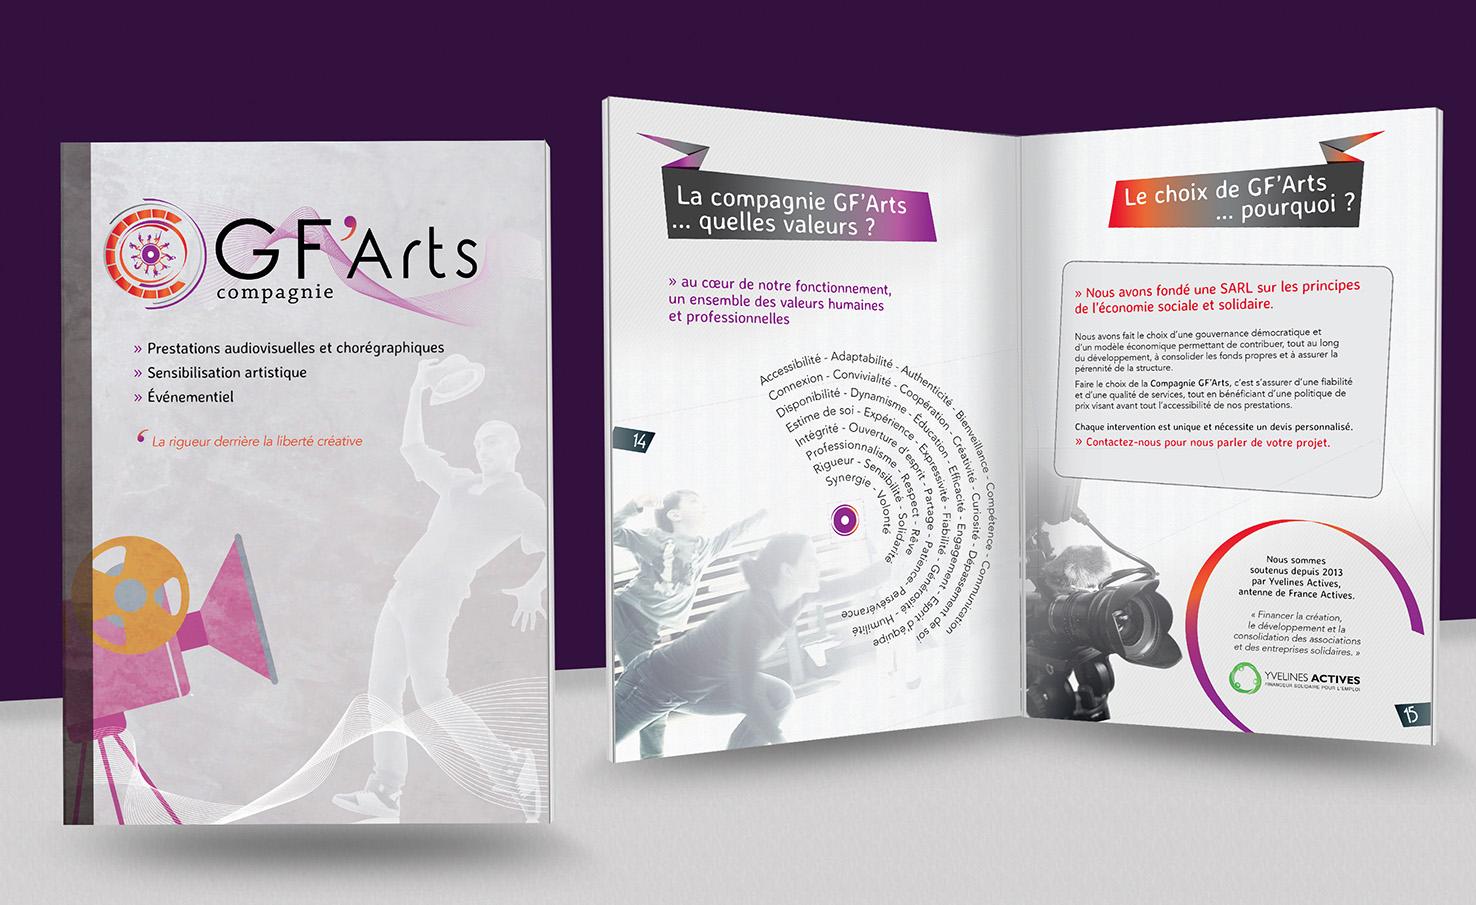 Portfolio-livret-GFArt's